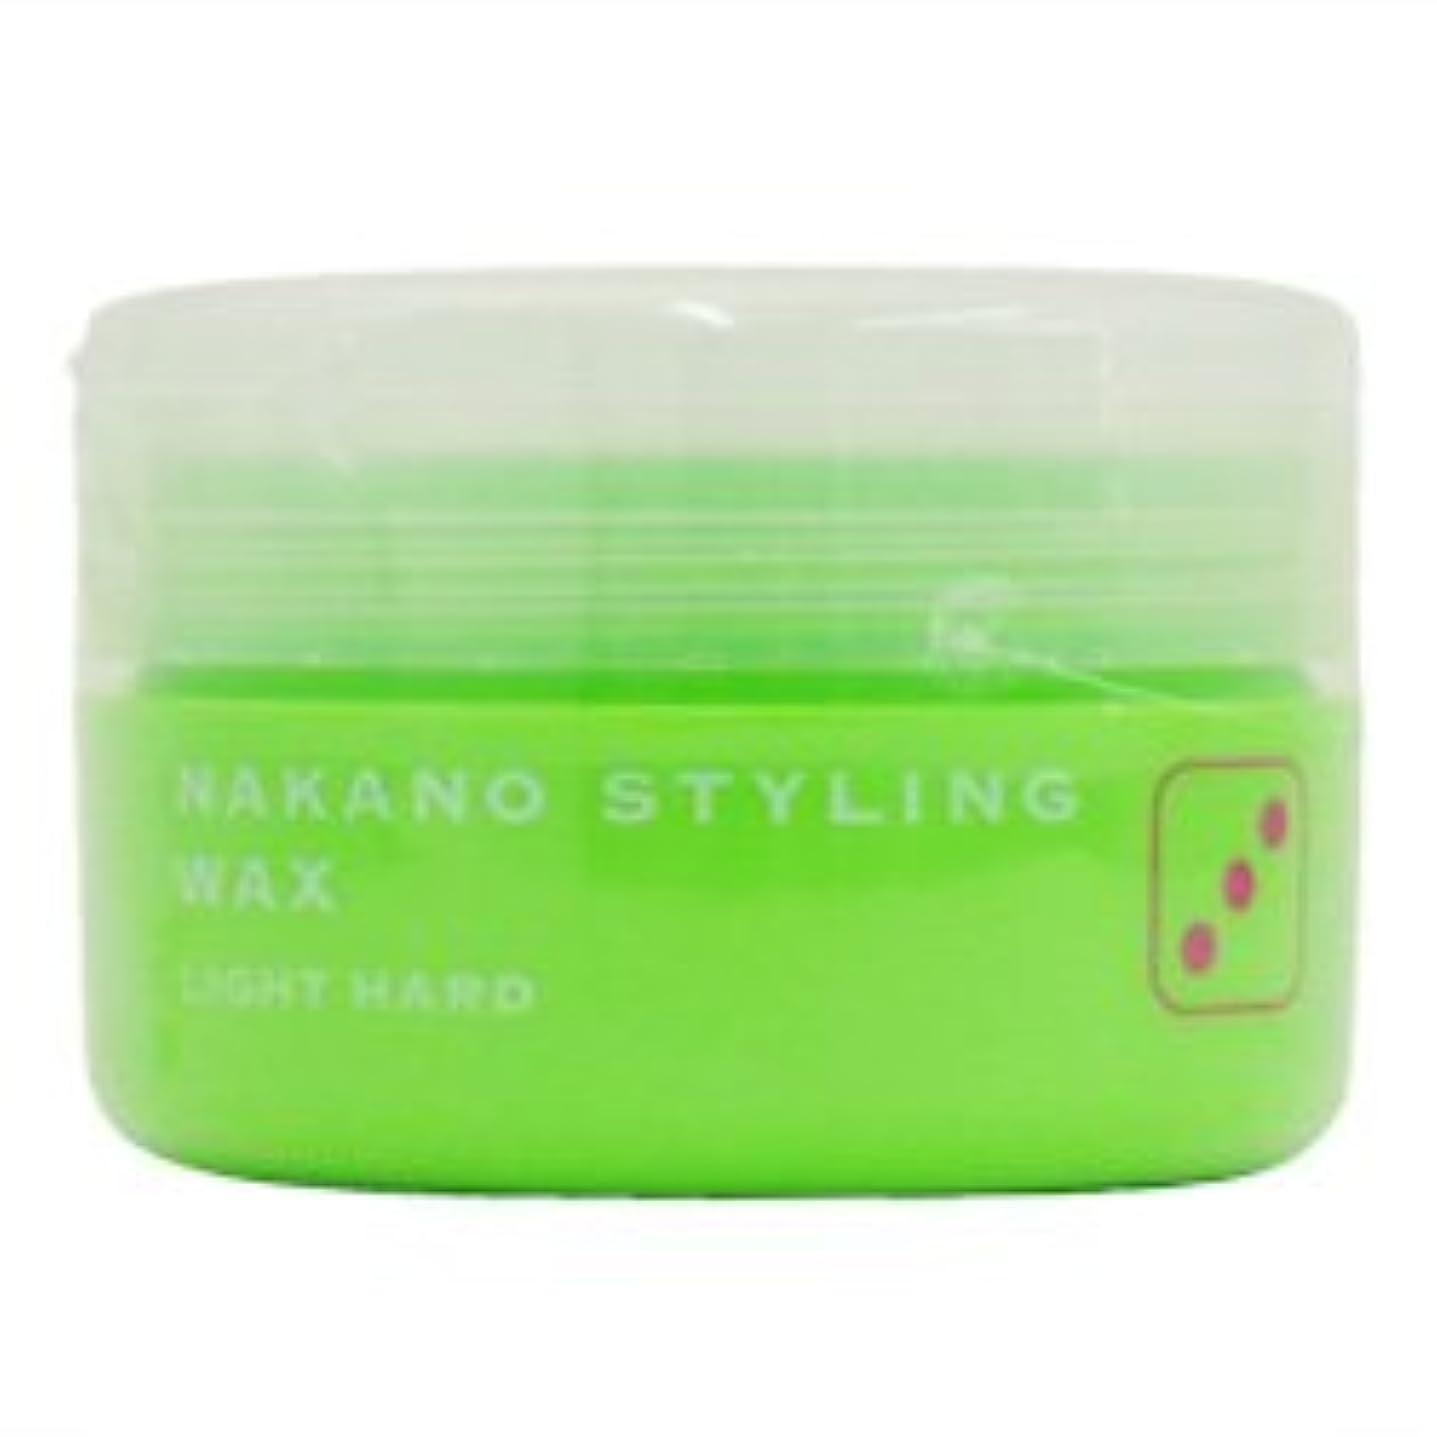 ソロ順応性のある蜂ナカノ スタイリングワックス 3 ライトハード 90g 中野製薬 NAKANO